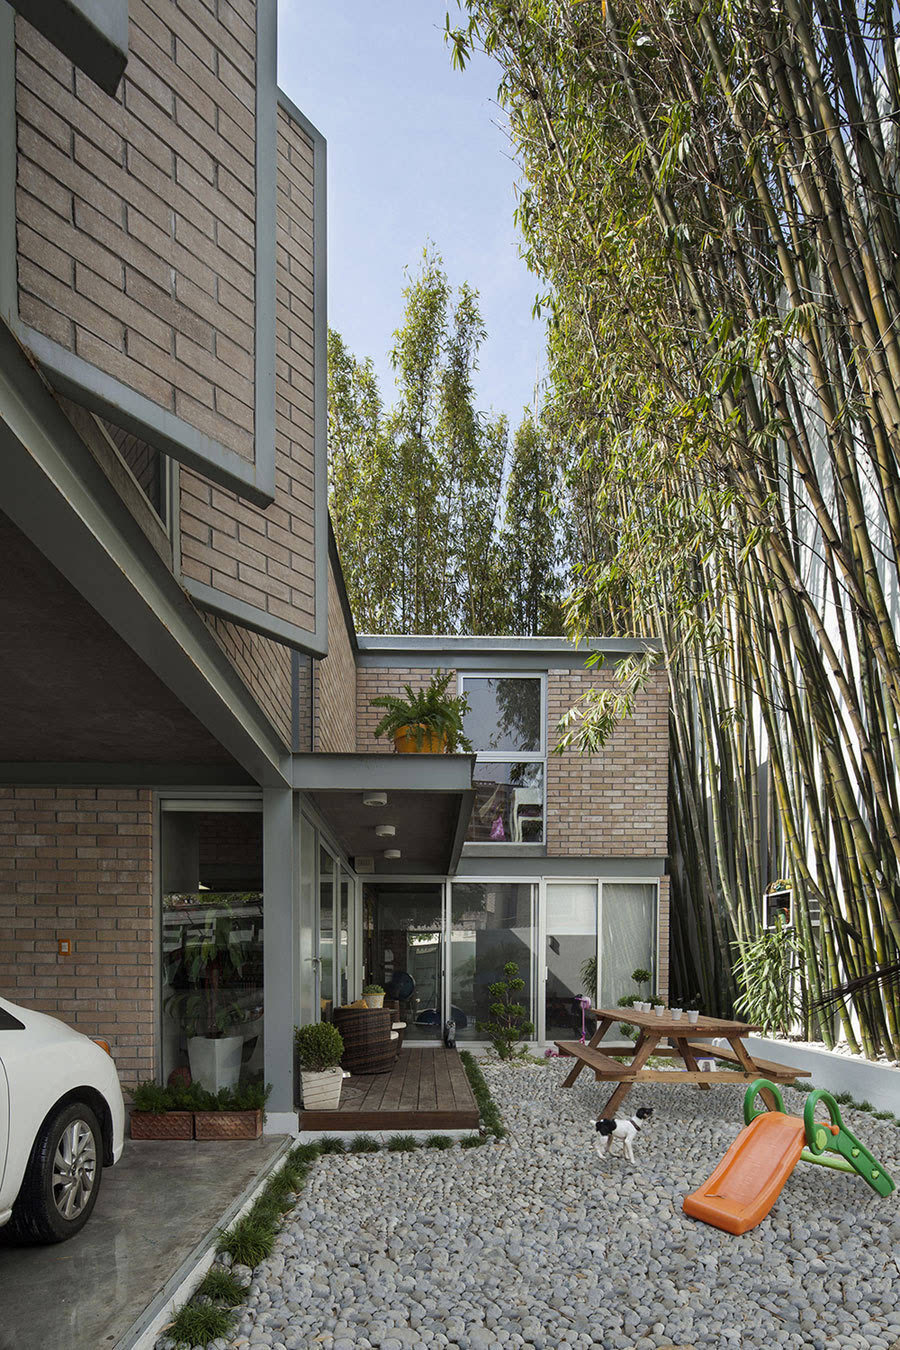 田园别墅设计图 感知房子原始魅力